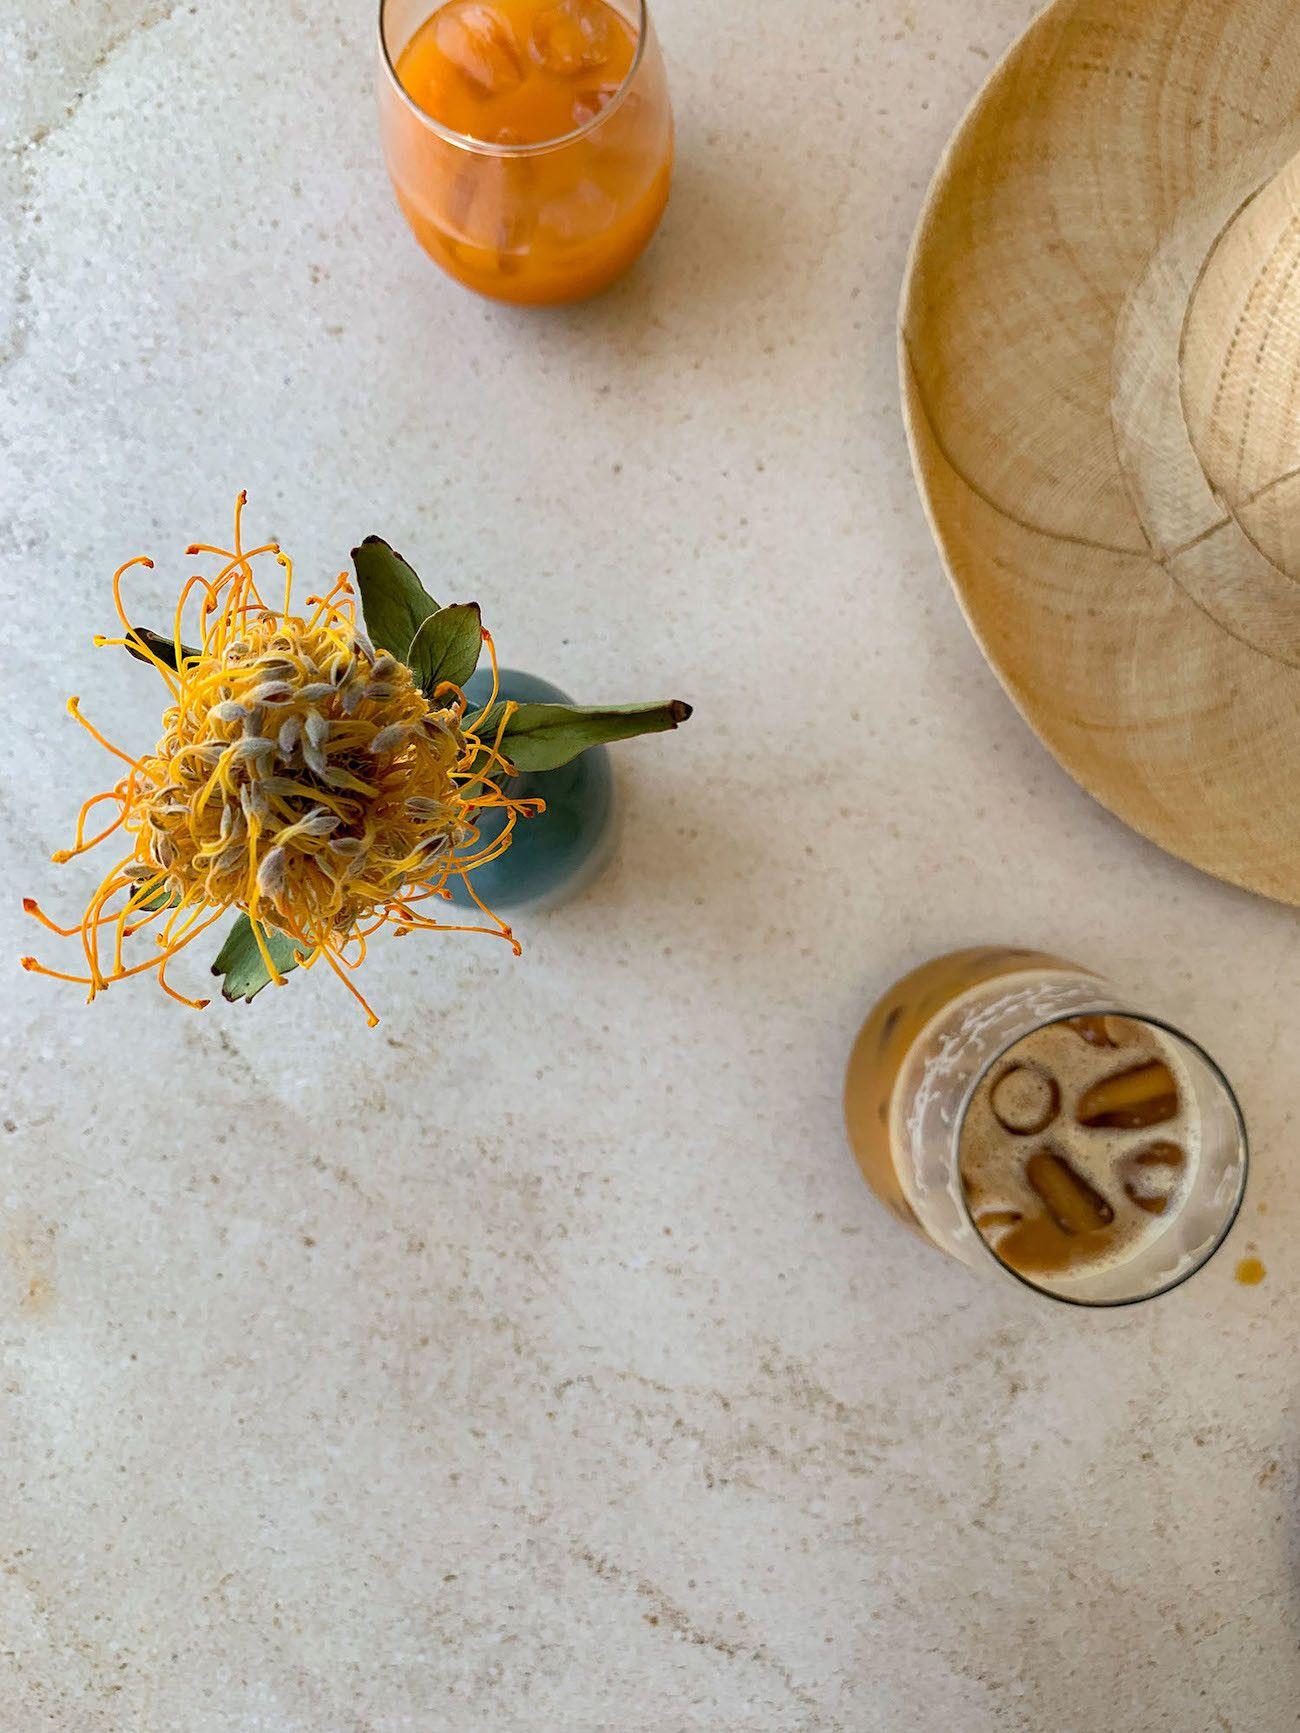 Frühstücks - und Brunch Guide für Kapstadt, Harvest Cafe, Coffee, Saft, Hut